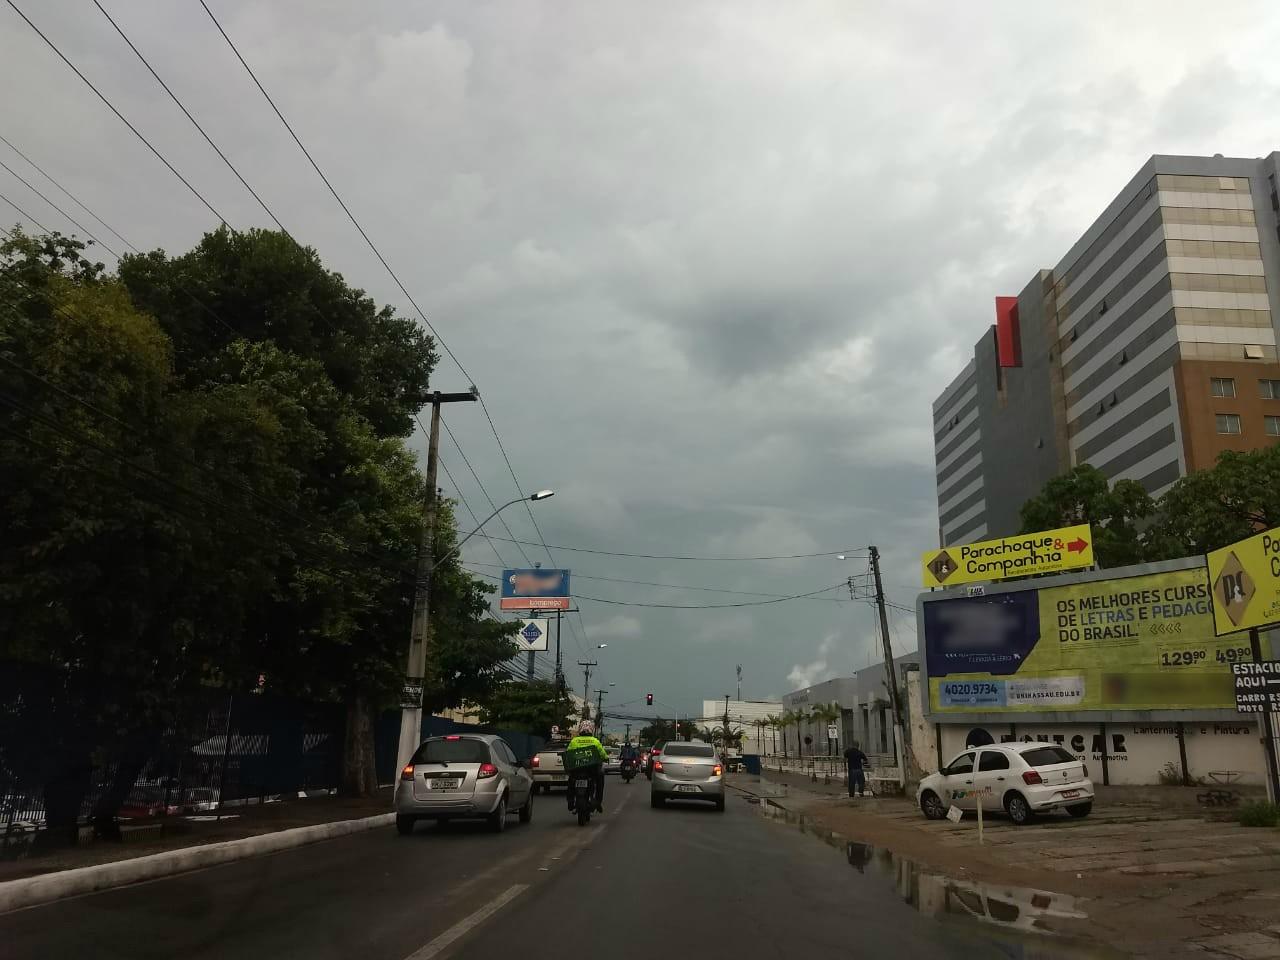 Fim de semana tem previsão de chuvas leves em Alagoas, diz Semarh - Notícias - Plantão Diário